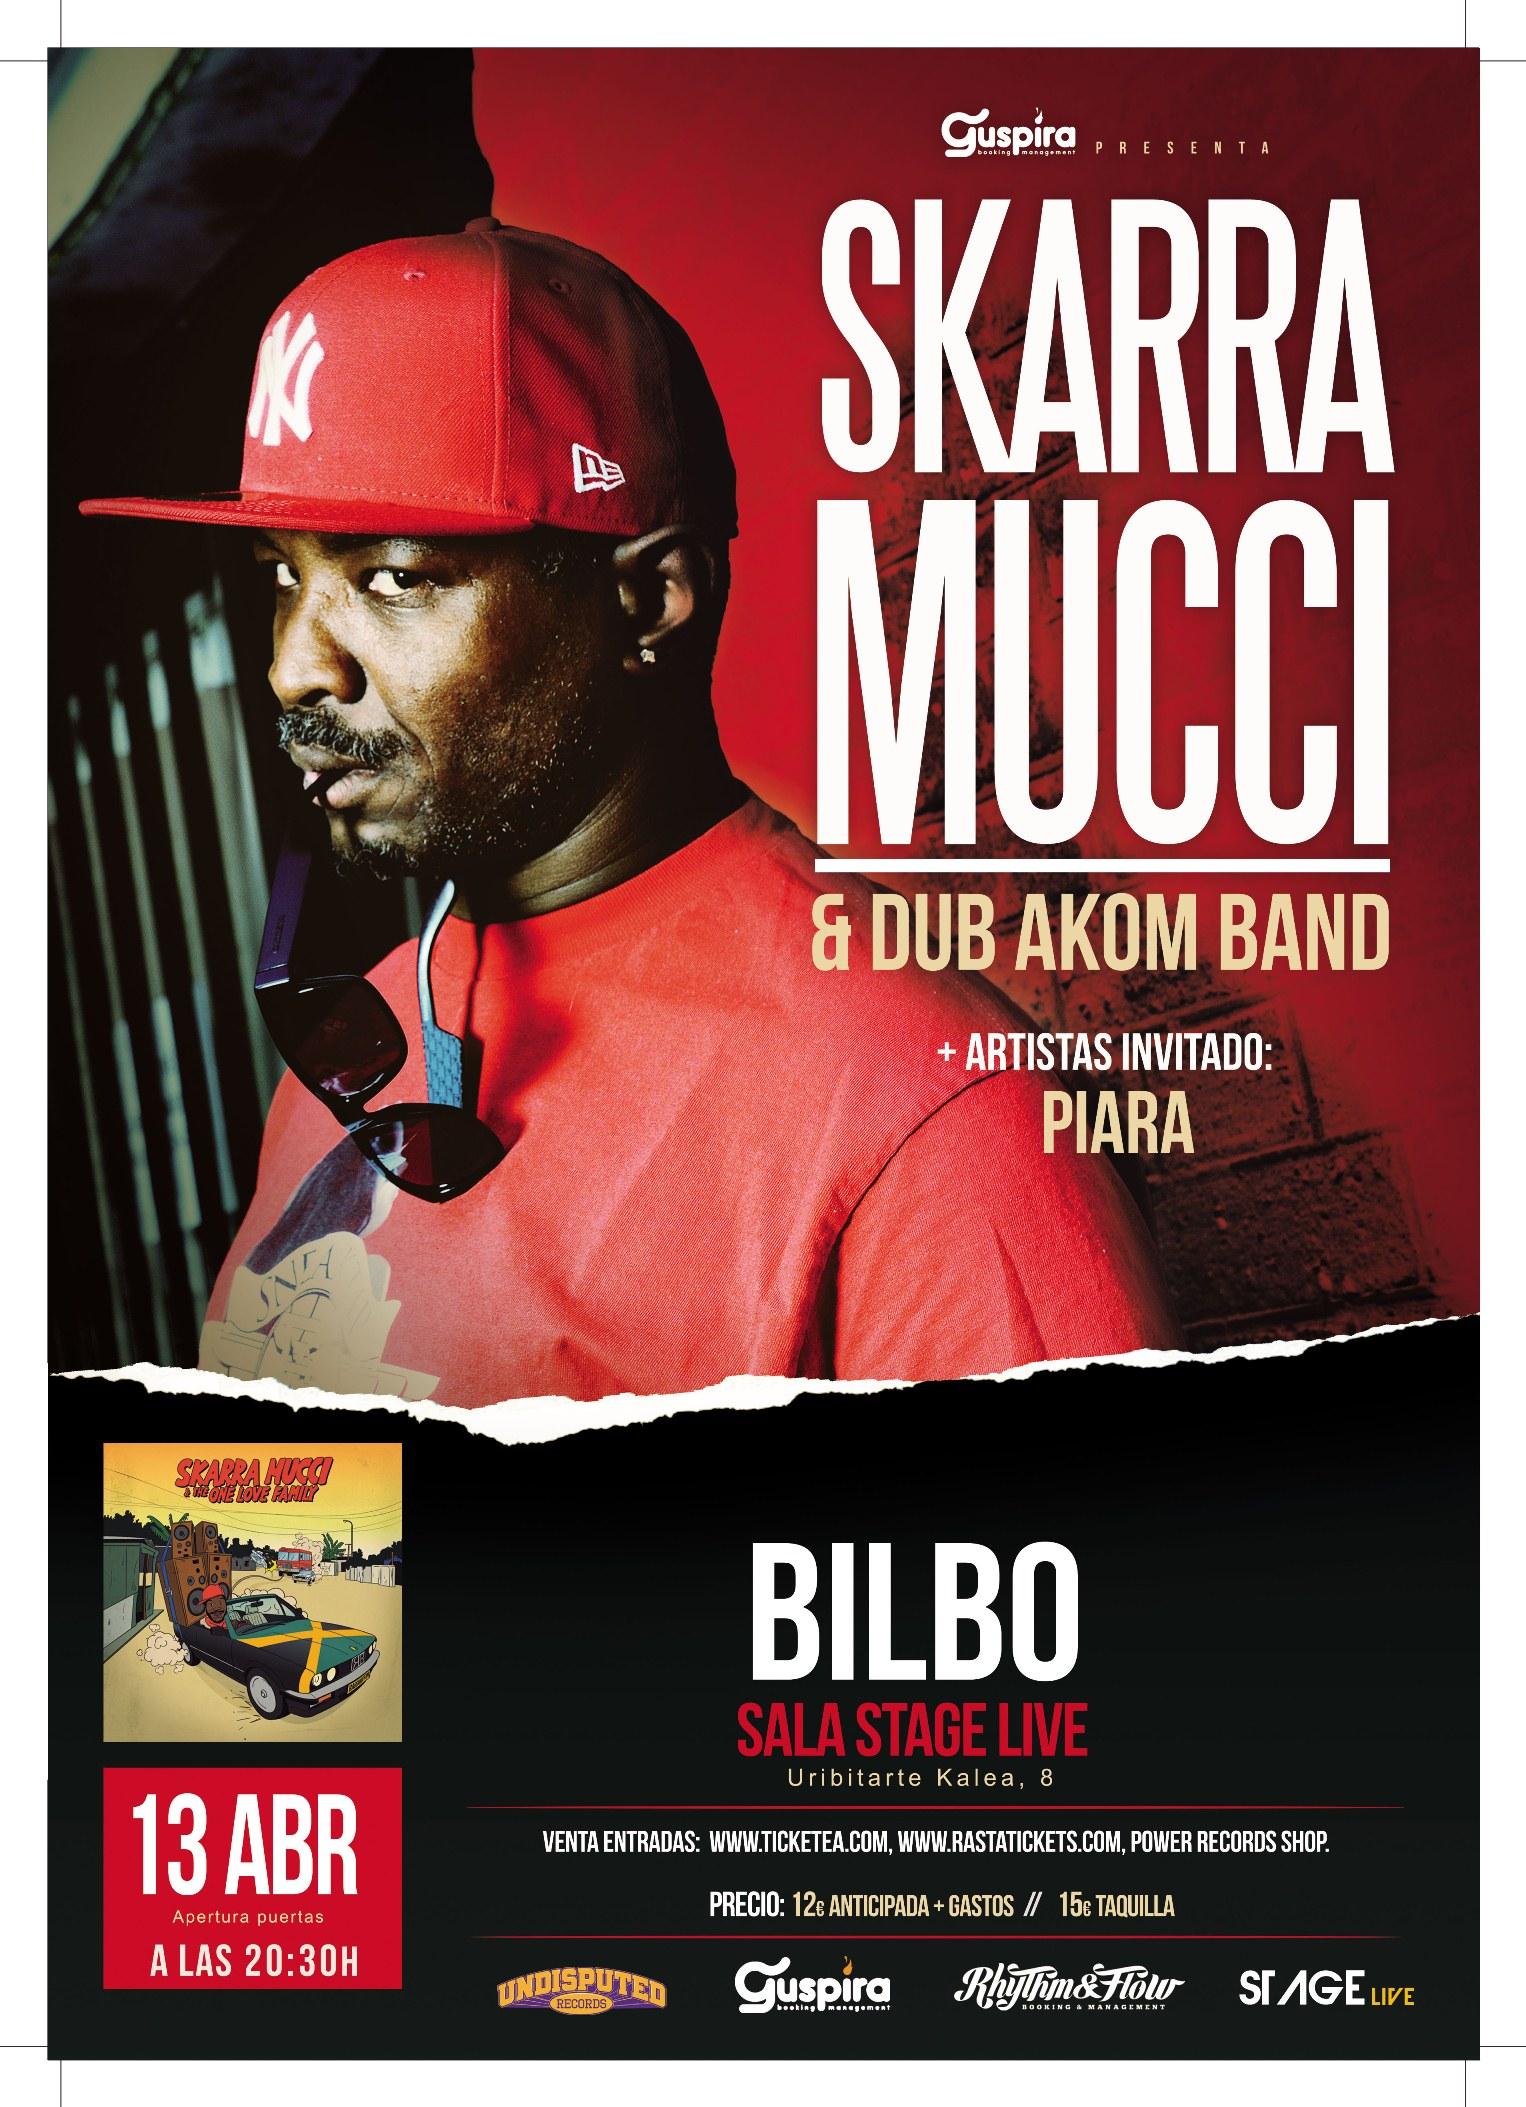 SKARRA MUCCI @ EH - Bilbao - Stage Live | Bilbao | País Vasco | España